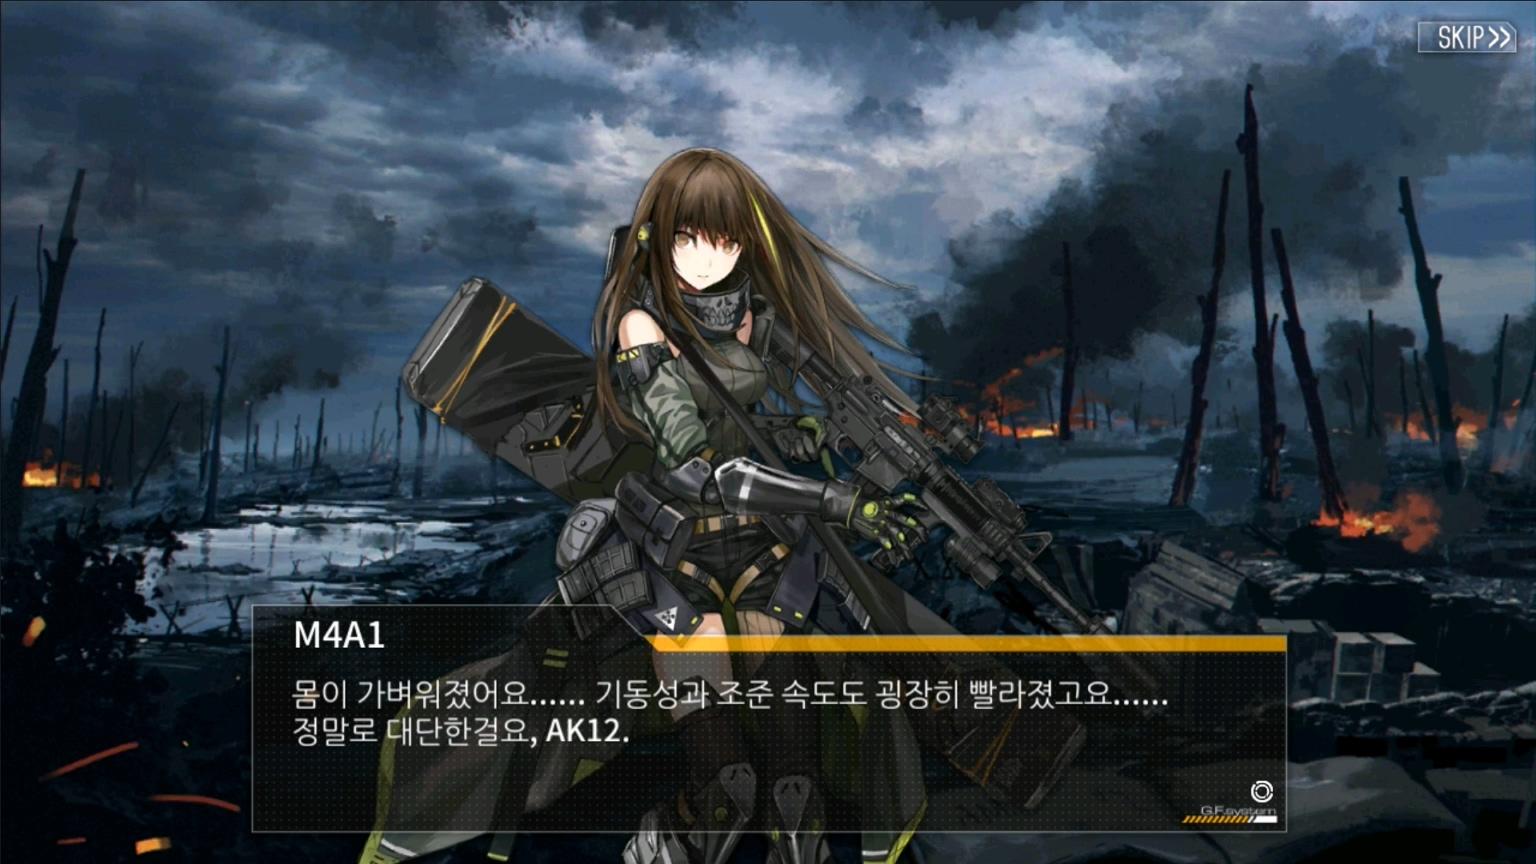 [소녀전선] M4A1 마인드맵 업그레이드 - 네번째..